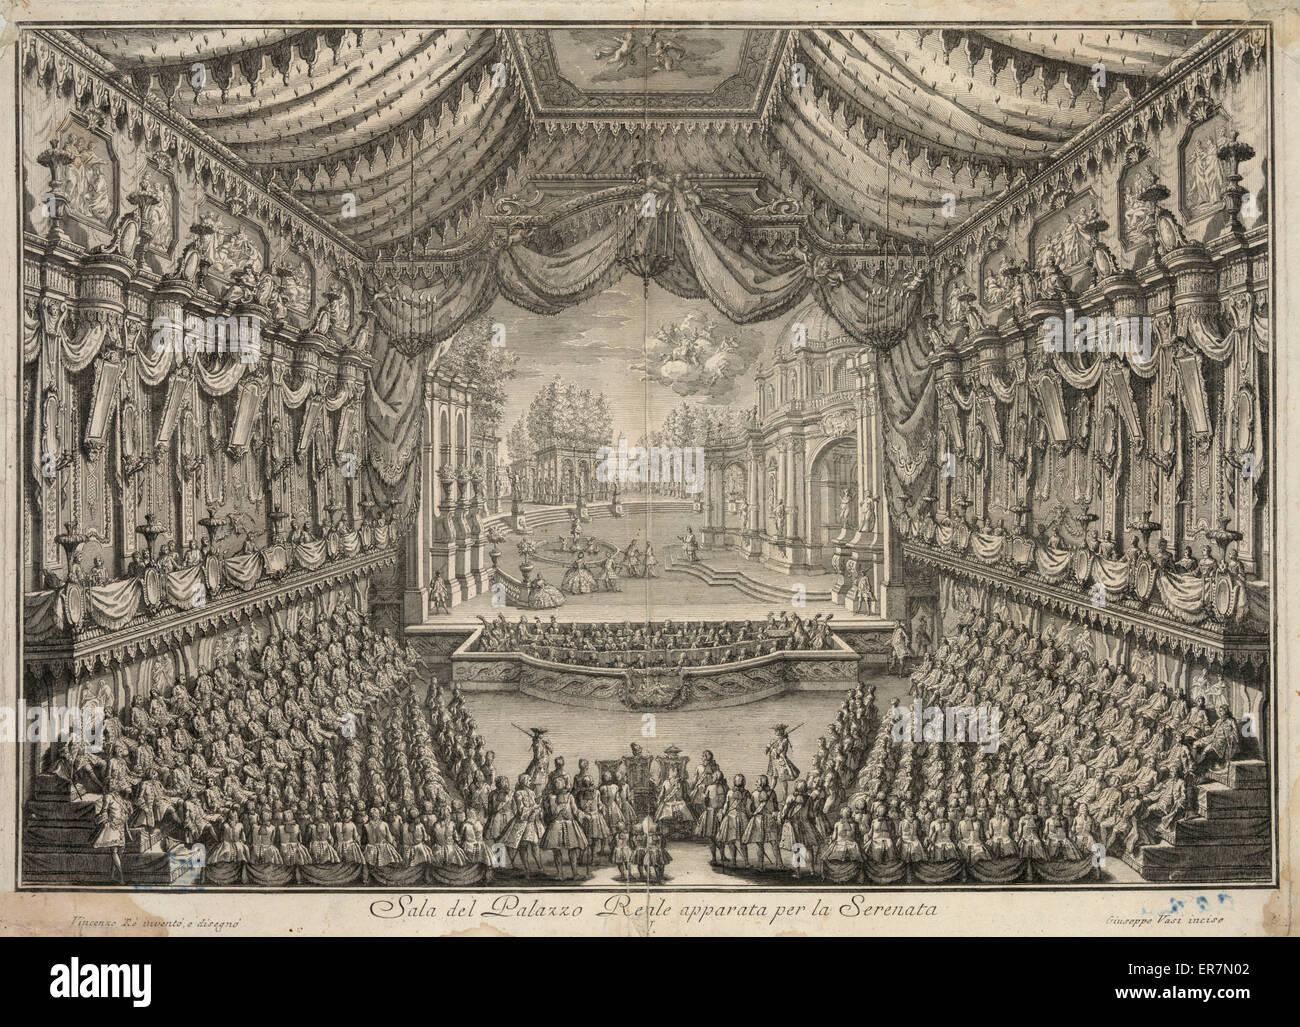 Sala del Palazzo Reale apparata per la Serenata. - Stock Image